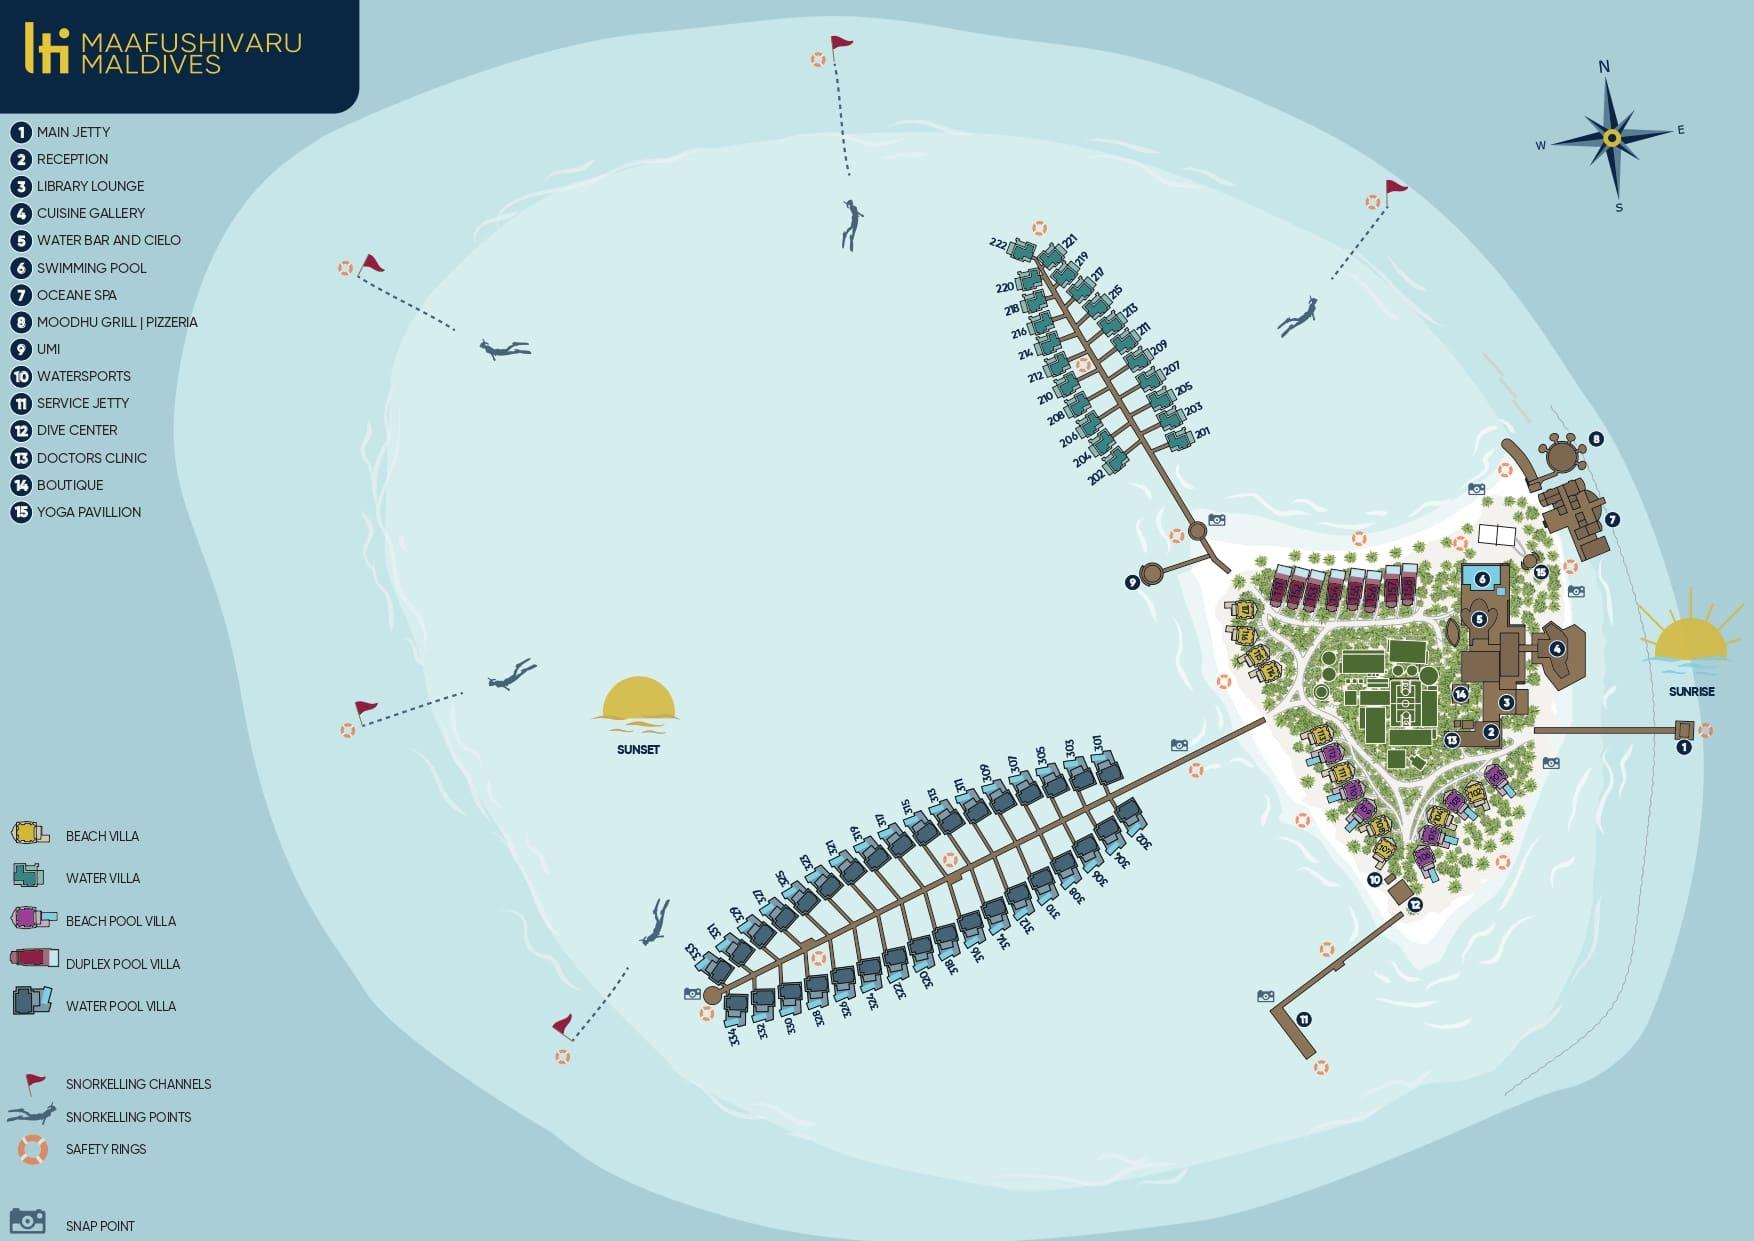 Мальдивы, LTI Maafushivaru Maldives, карта отеля